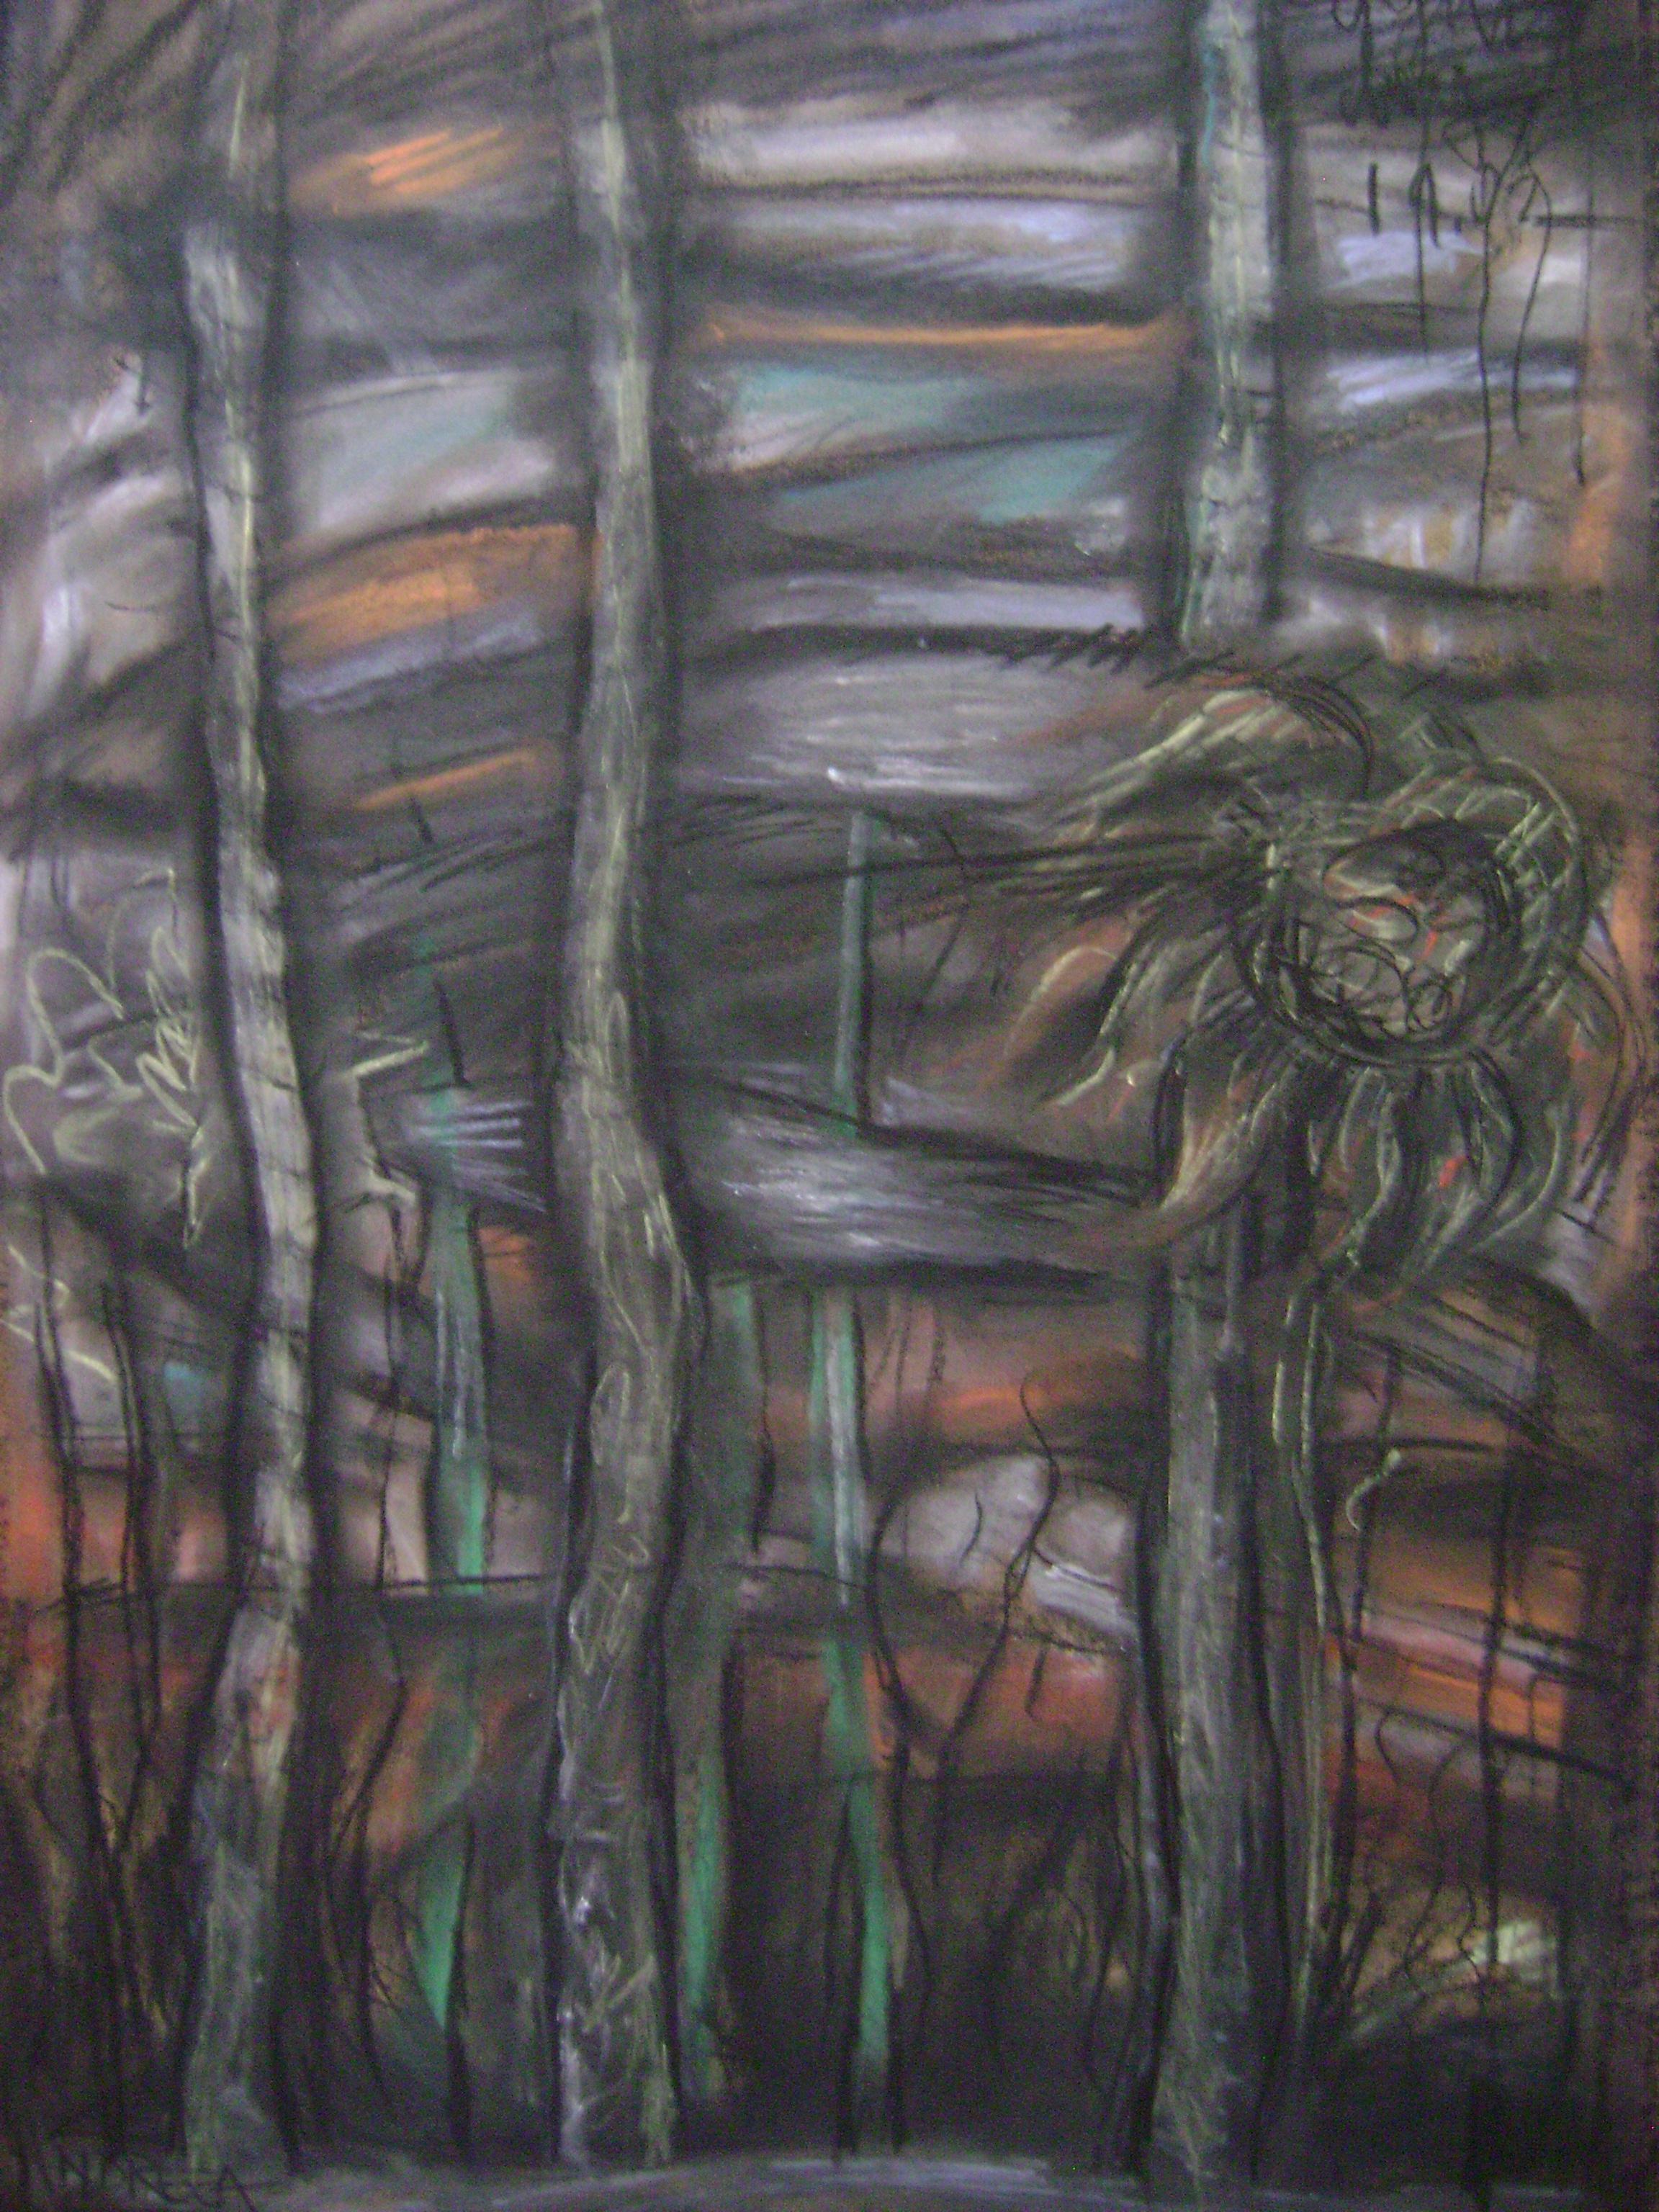 ANDREEA RUS , p. 9. artbook, 70-50 cm., 2015